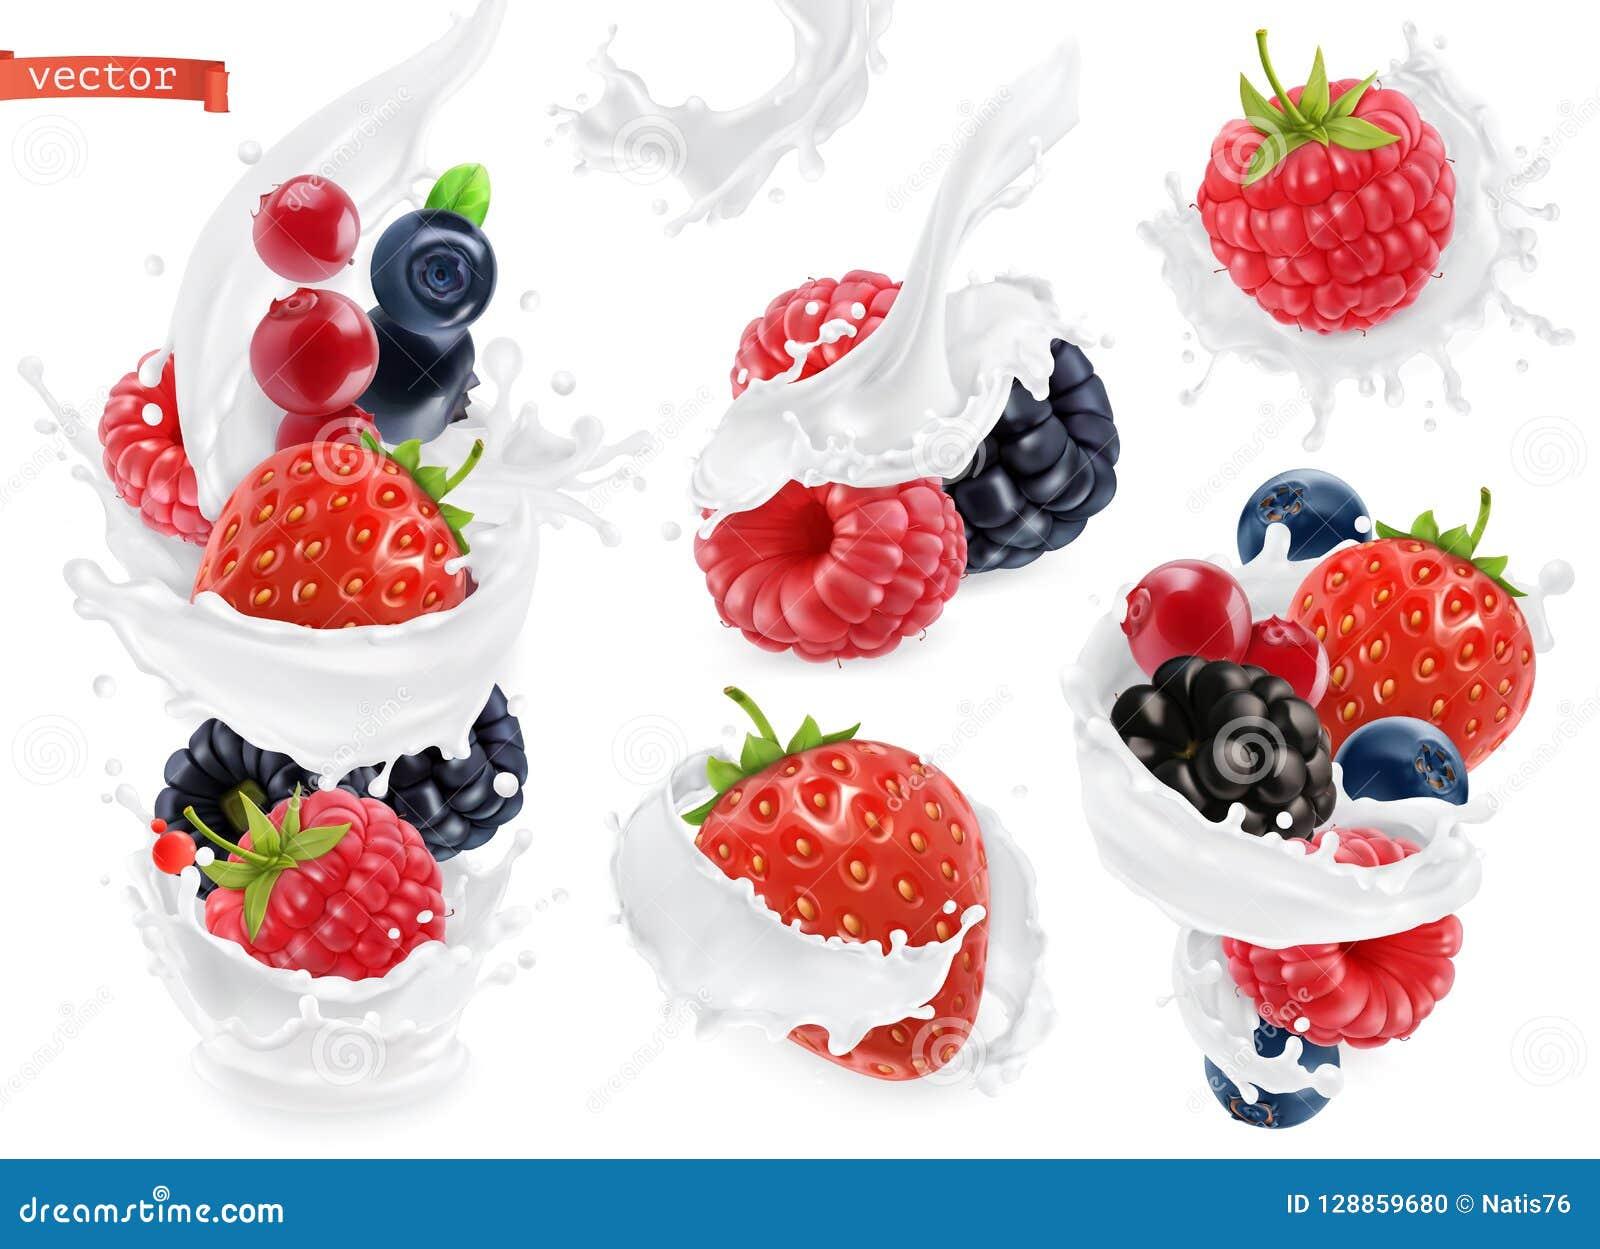 Bosfruityoghurt Gemengde bes en melkplonsen 3d vector